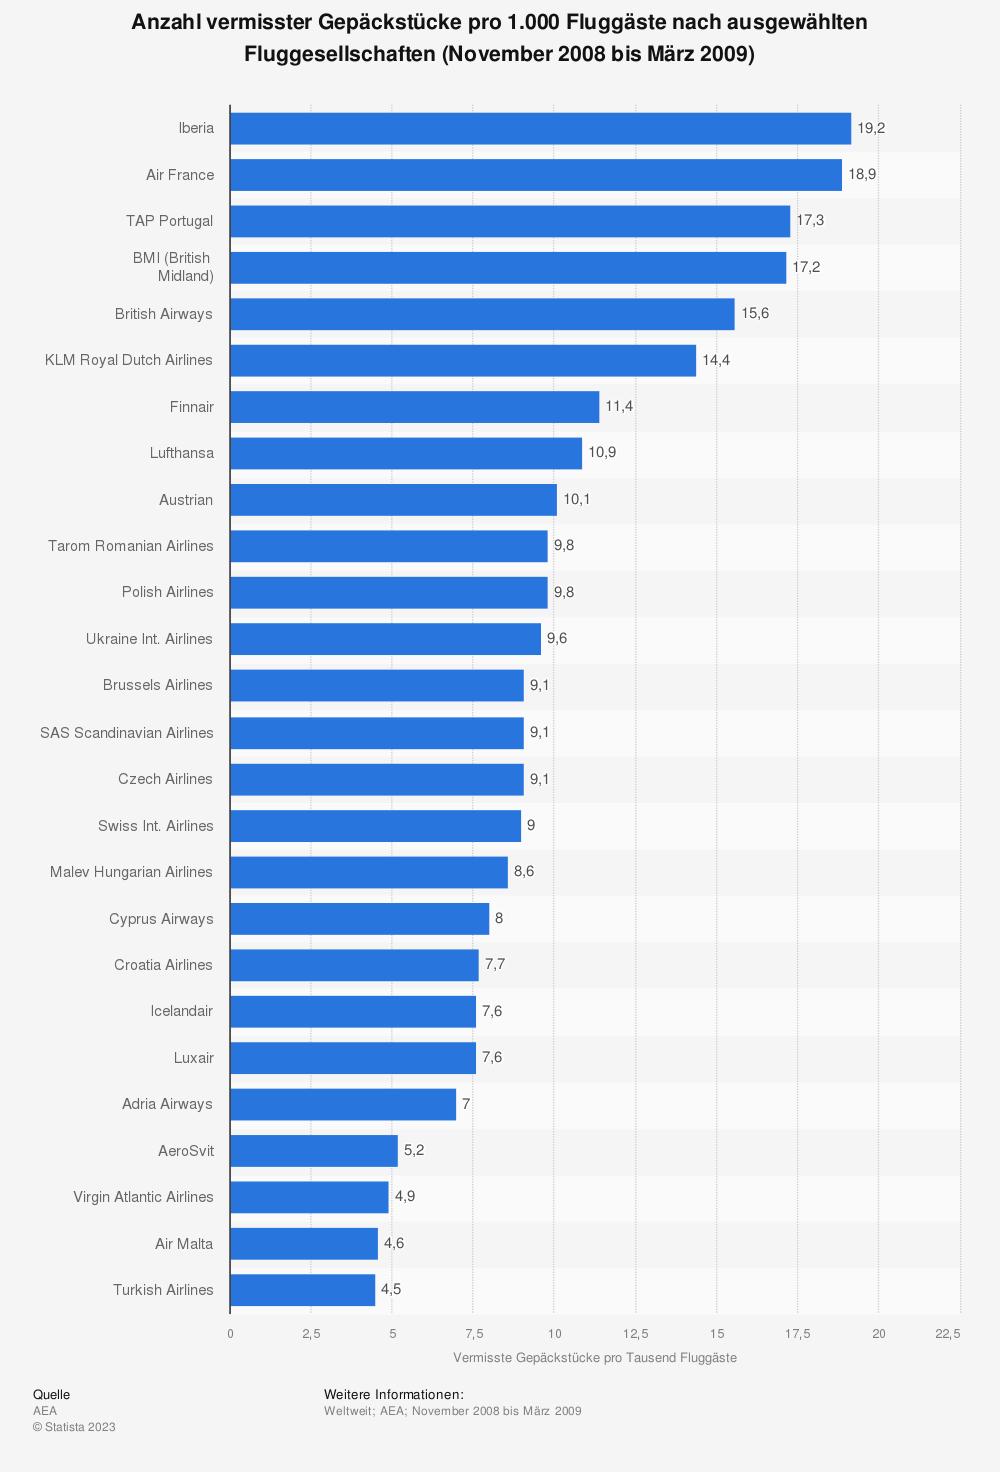 Statistik: Anzahl vermisster Gepäckstücke pro 1.000 Fluggäste nach ausgewählten Fluggesellschaften (November 2008 bis März 2009)   Statista